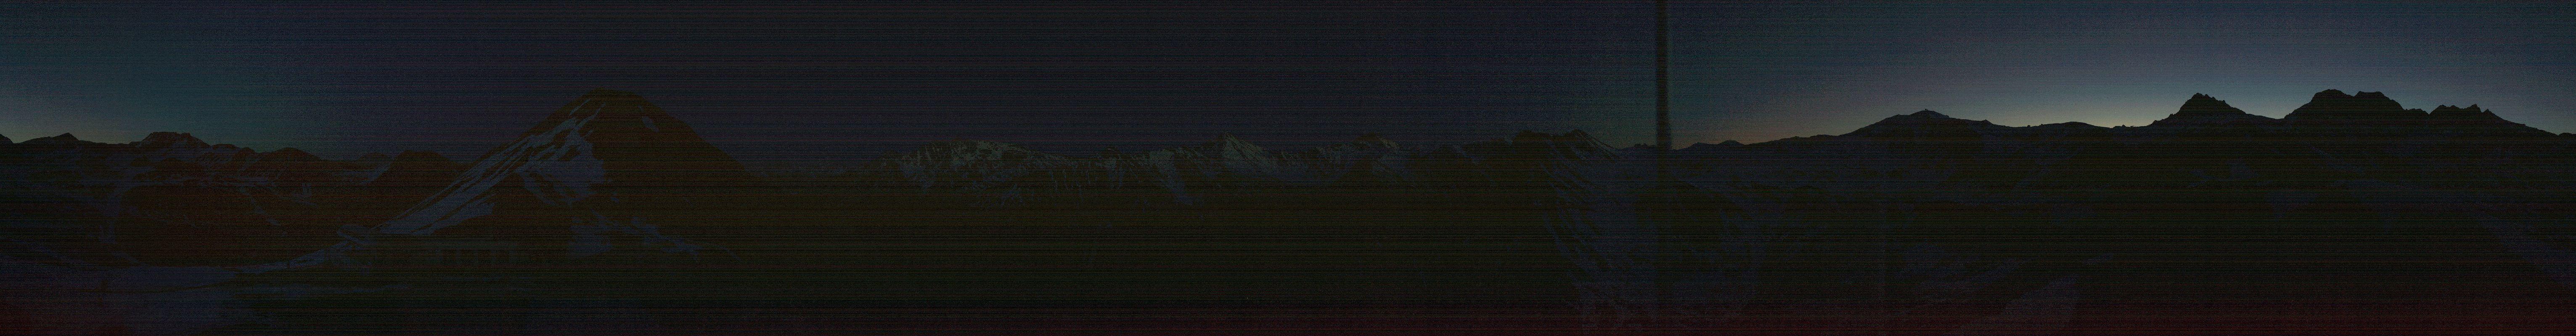 26h ago - 21:55